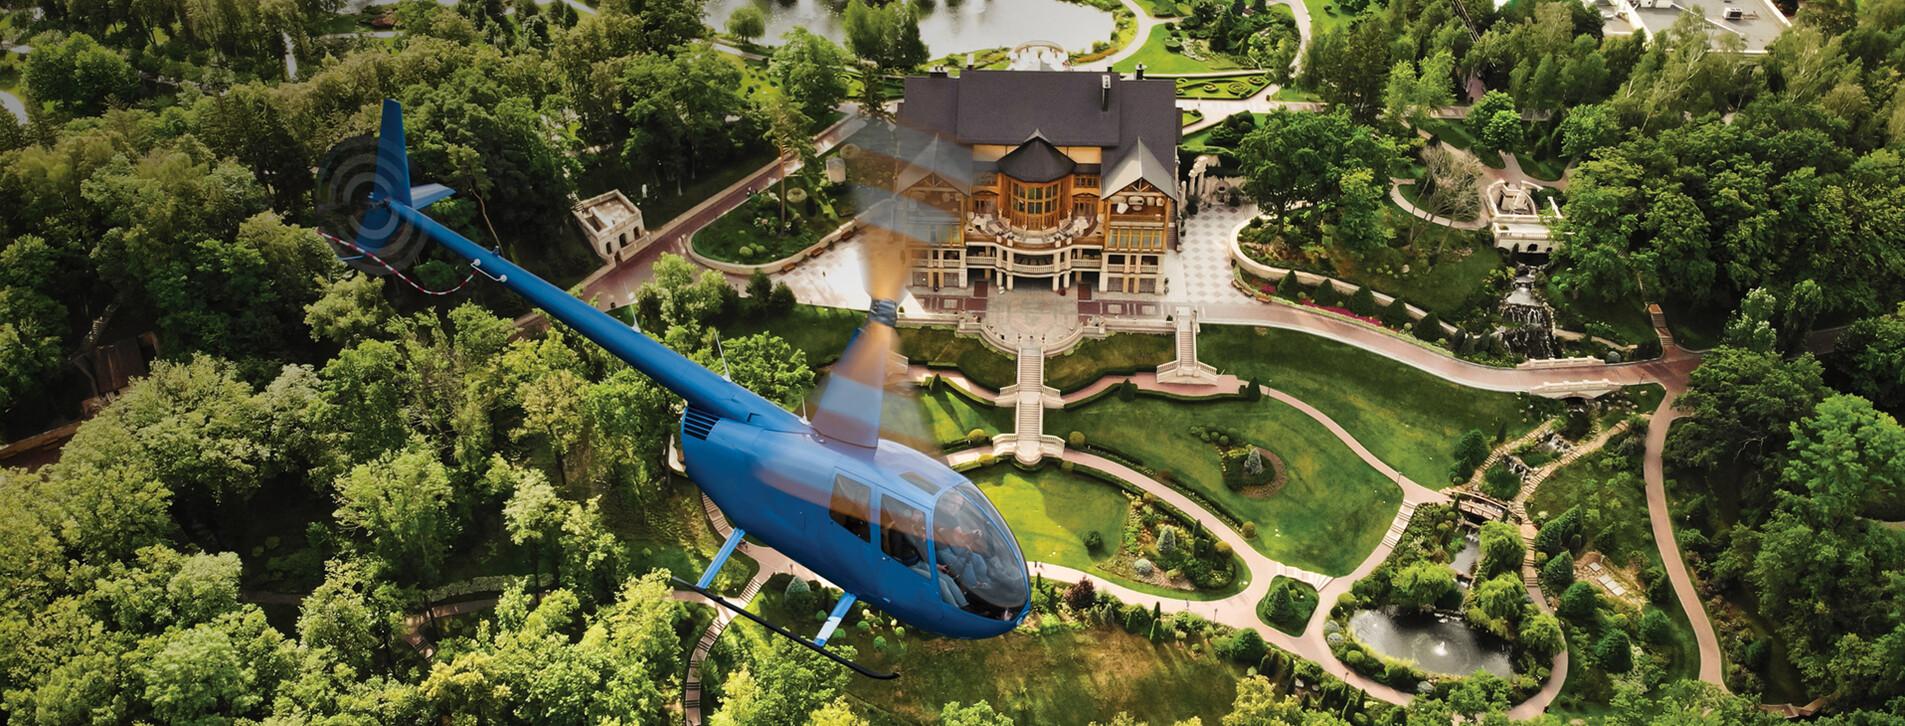 Фото 1 - Полет на вертолете в Межигорье